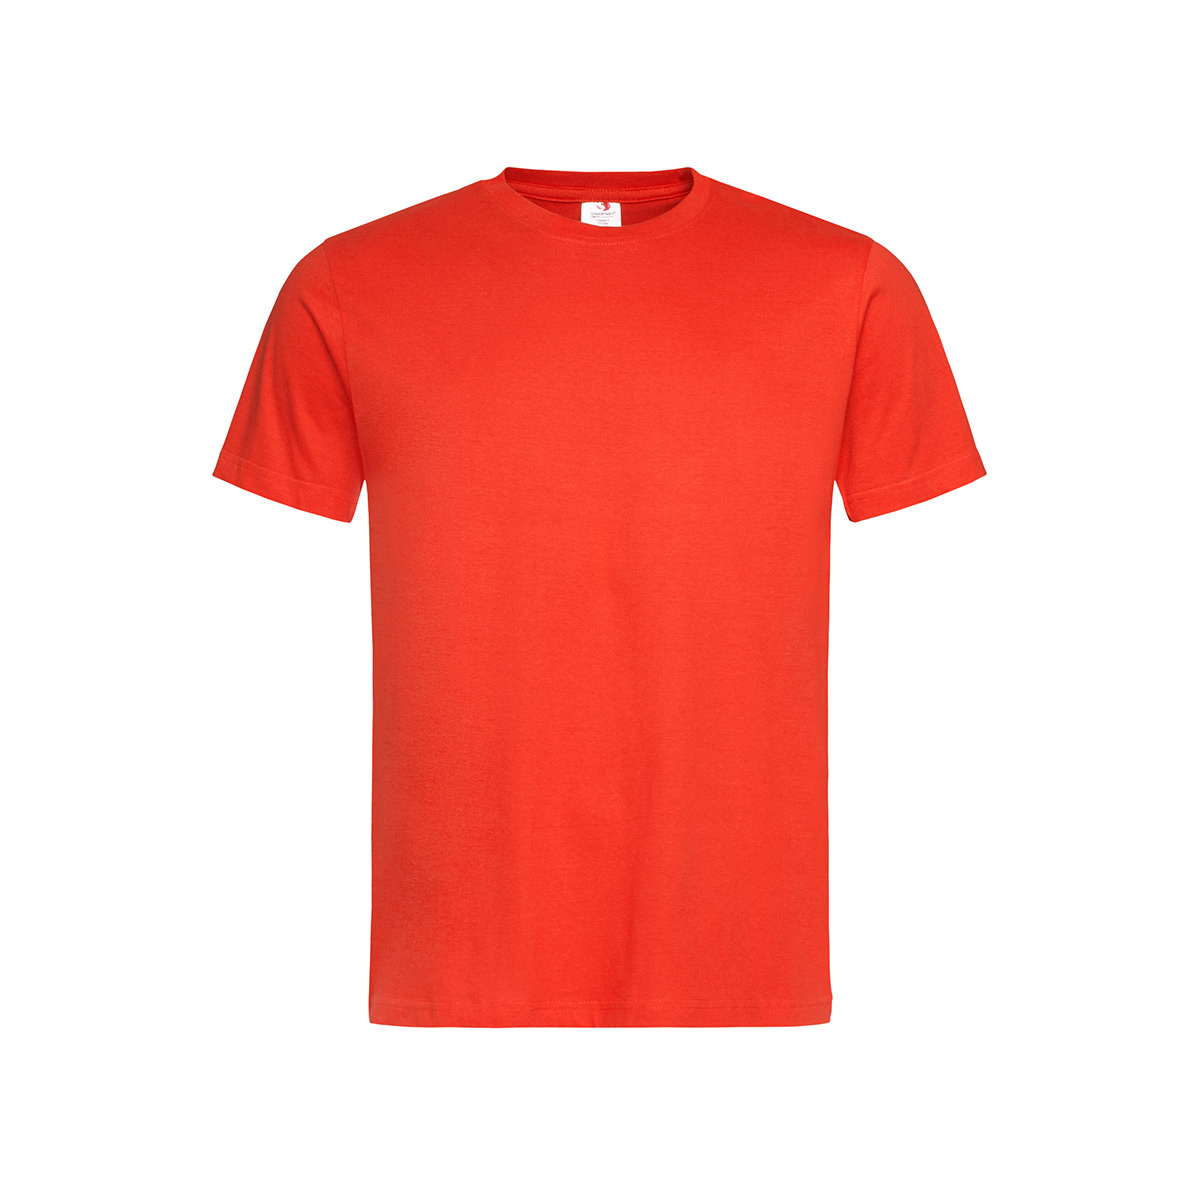 Футболки со своим логотипом оптом, футболки со своим нанесением оптом, футболки со своей печатью оптом, футболки со своей печатью, футболки со своим нанесением